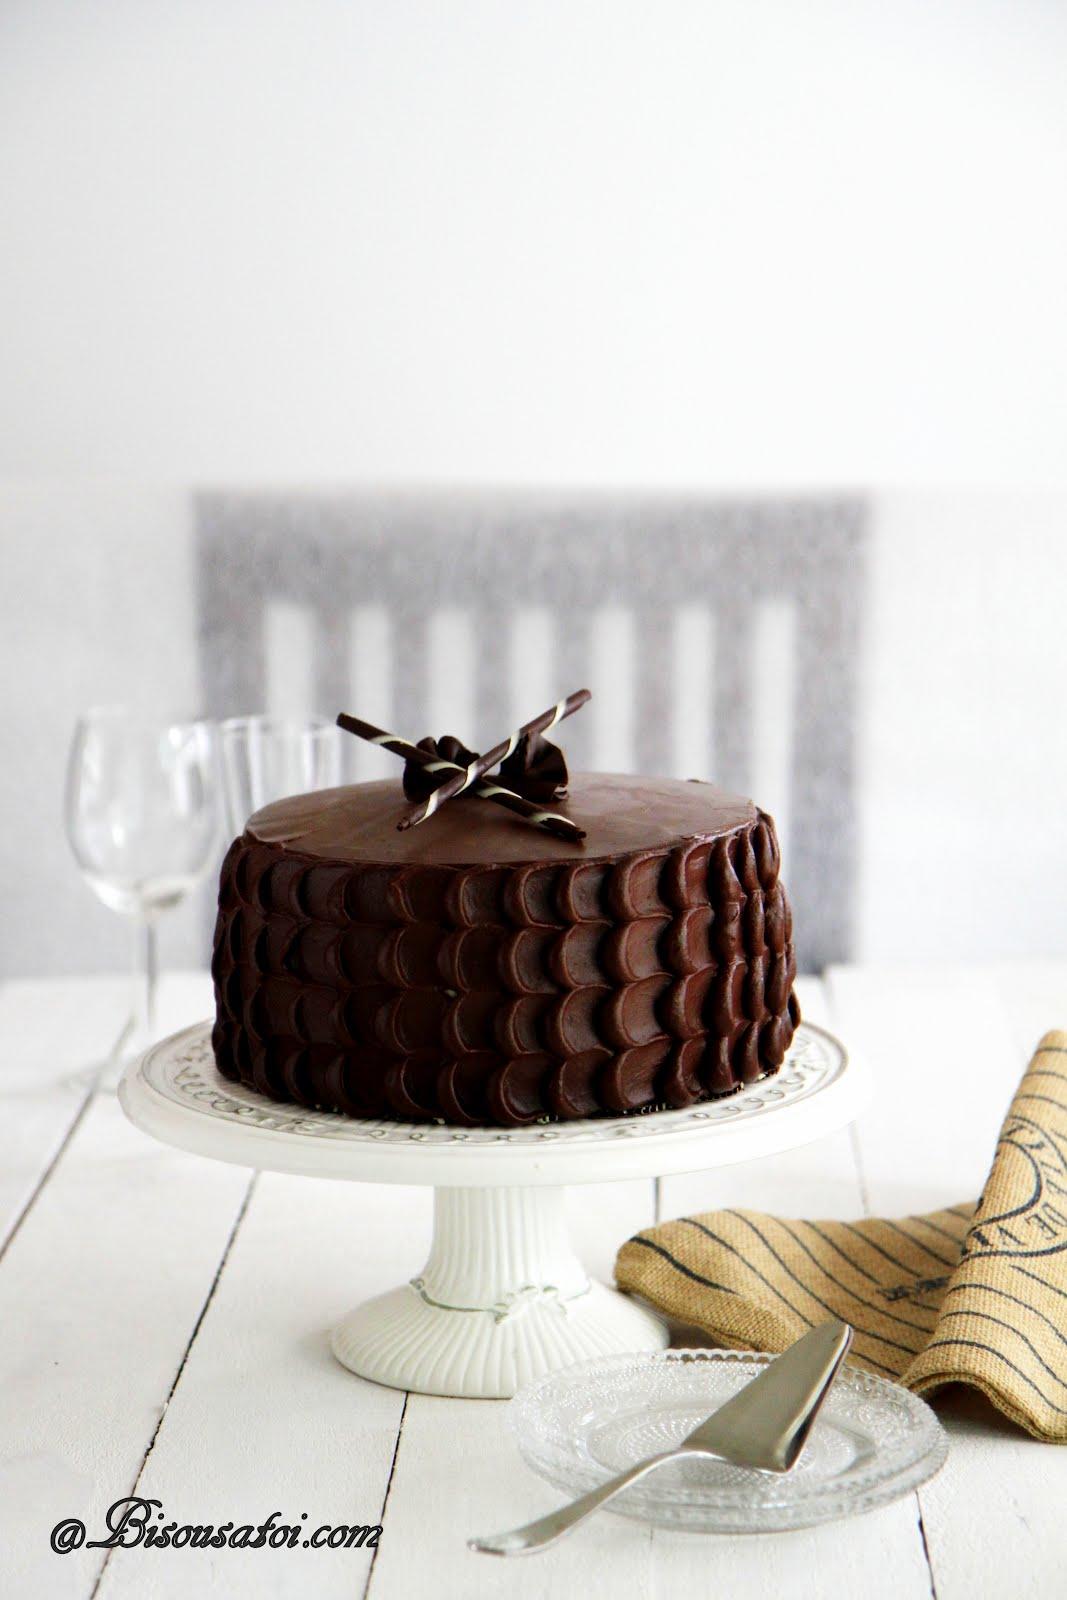 Bisousatoi Chocolate Cake